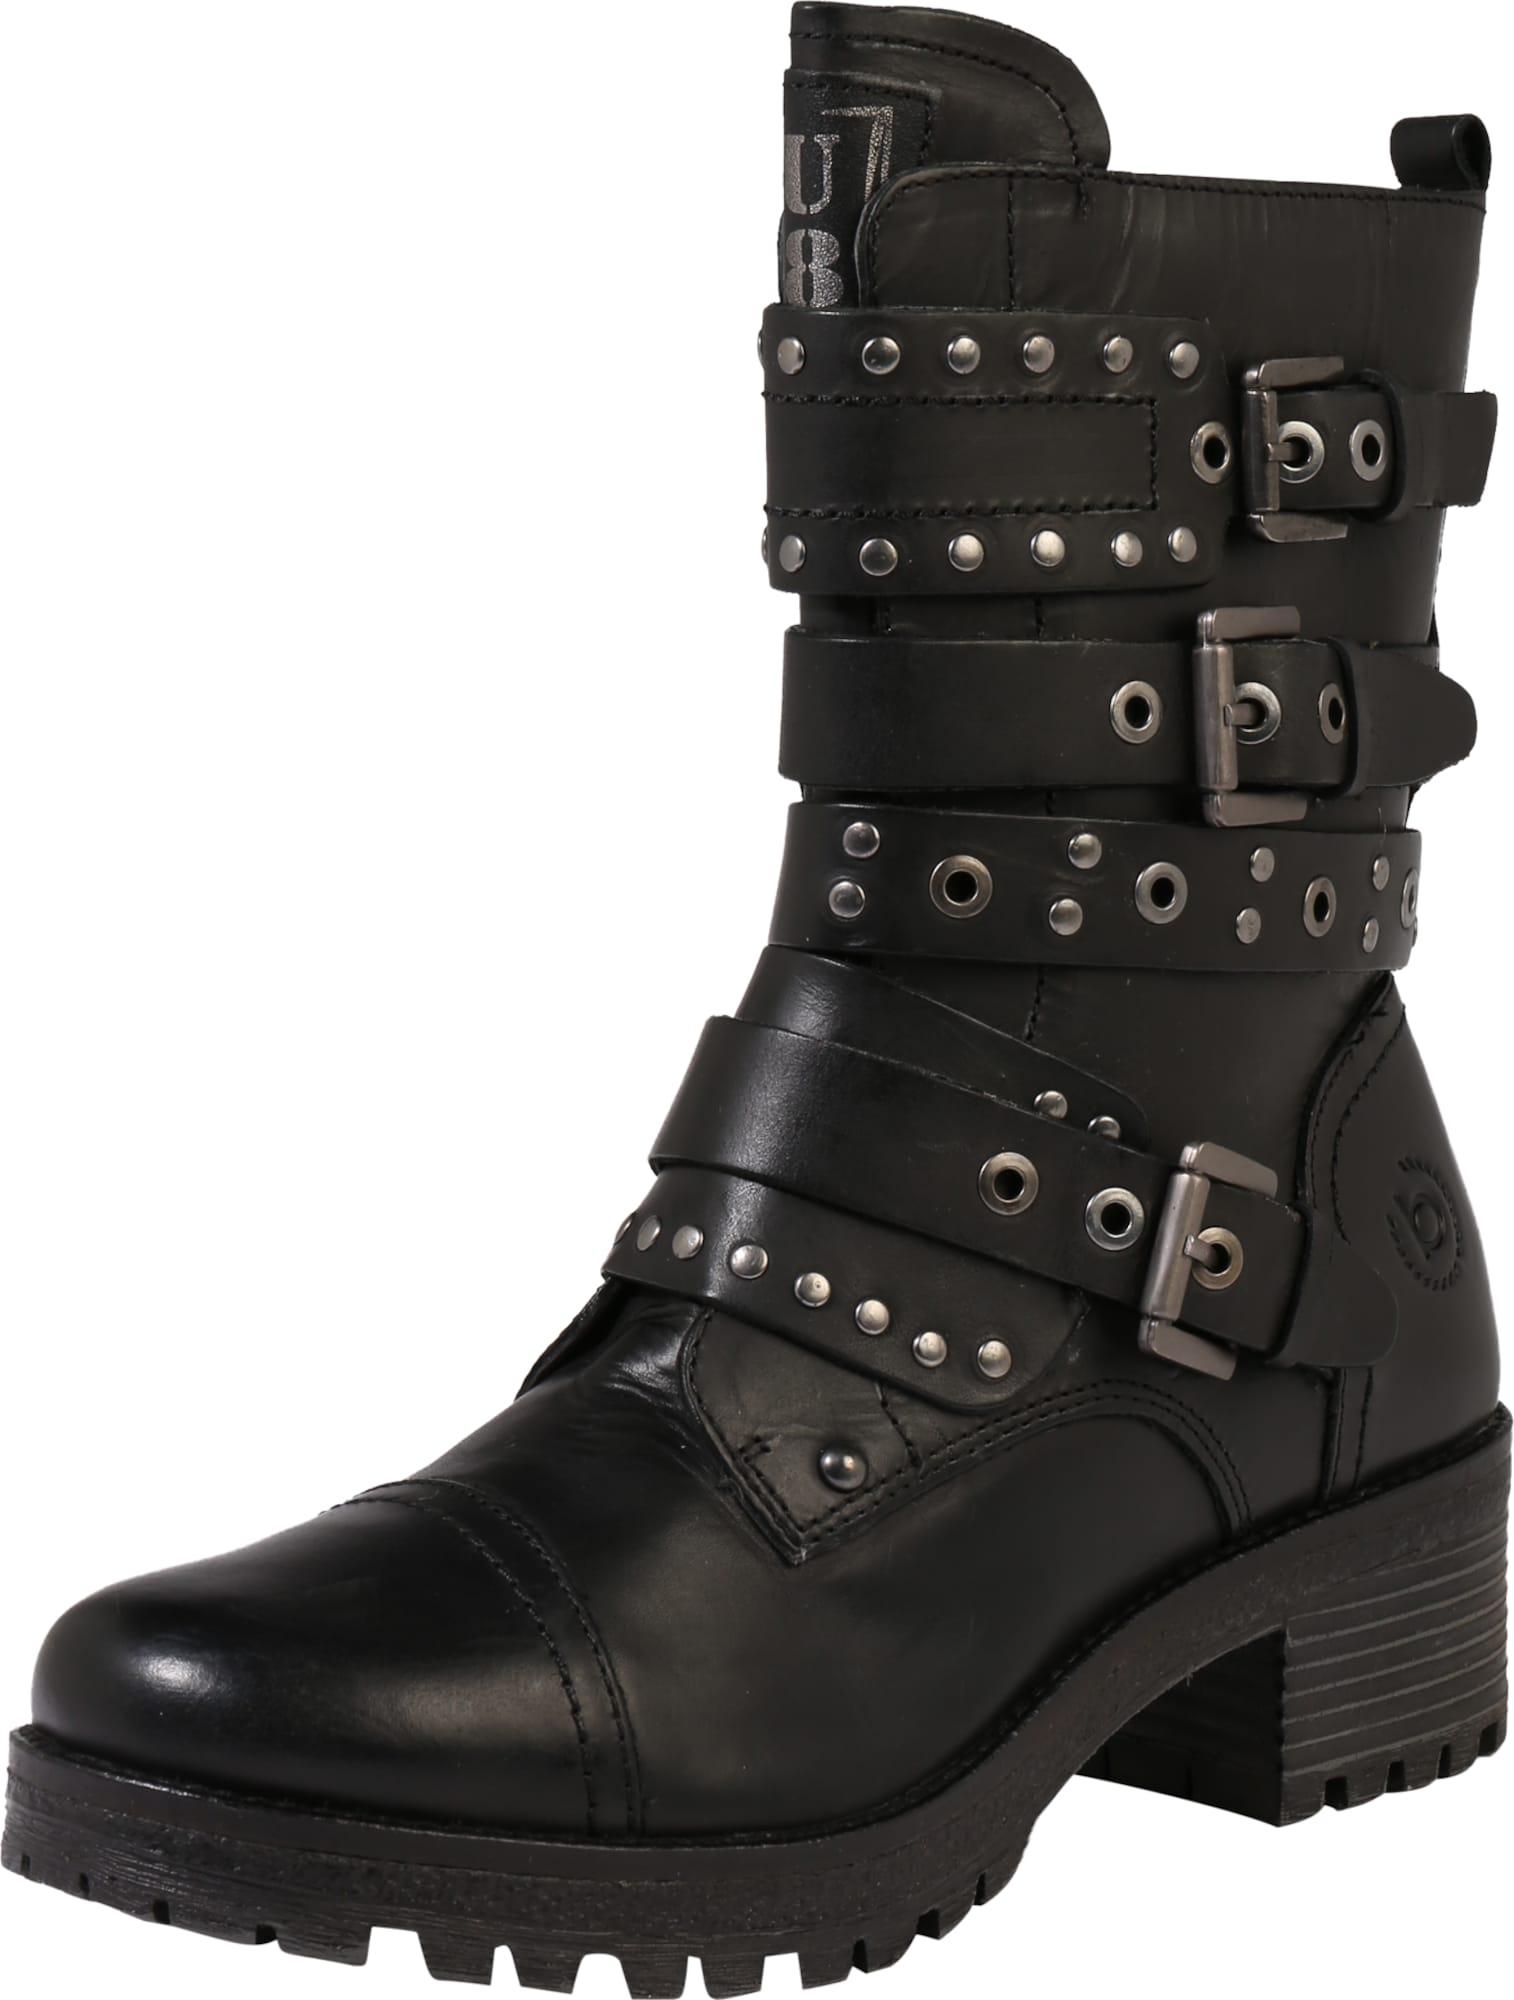 bugatti boots mit schnallen in schwarz about you. Black Bedroom Furniture Sets. Home Design Ideas